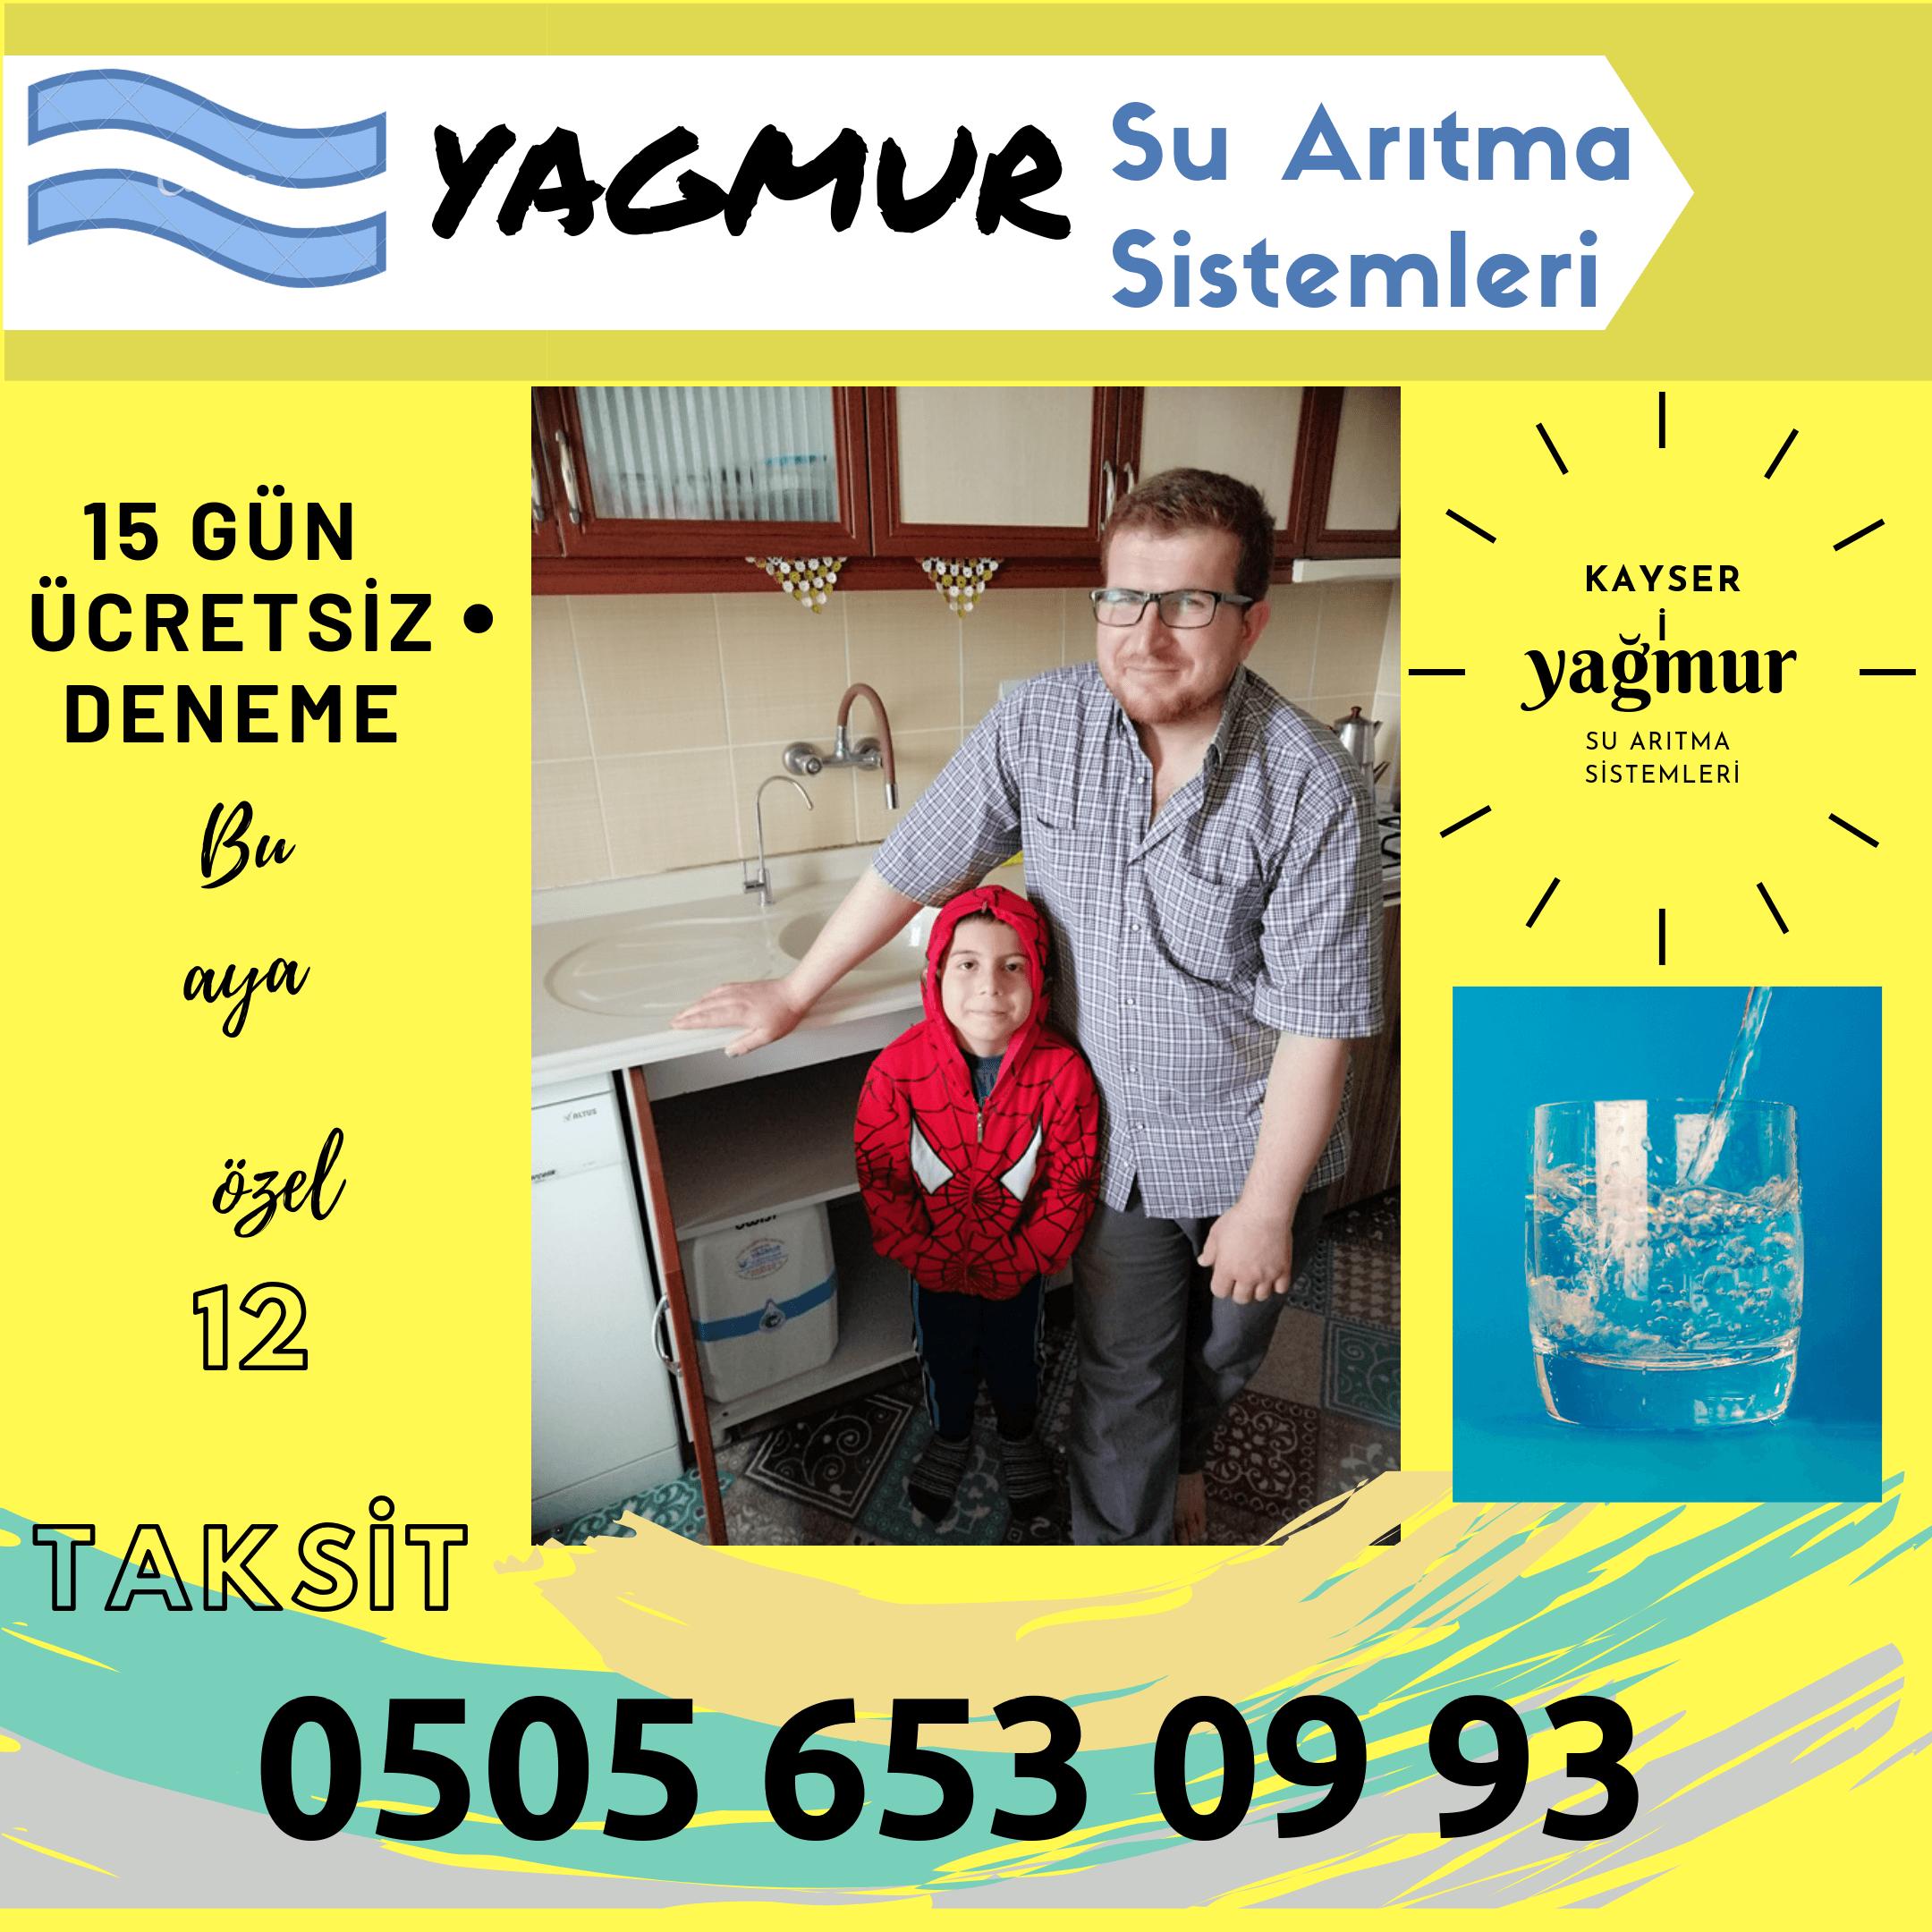 DEMOKRASİ MAHALLESİ SU ARITMA CİHAZLARI 05324600993